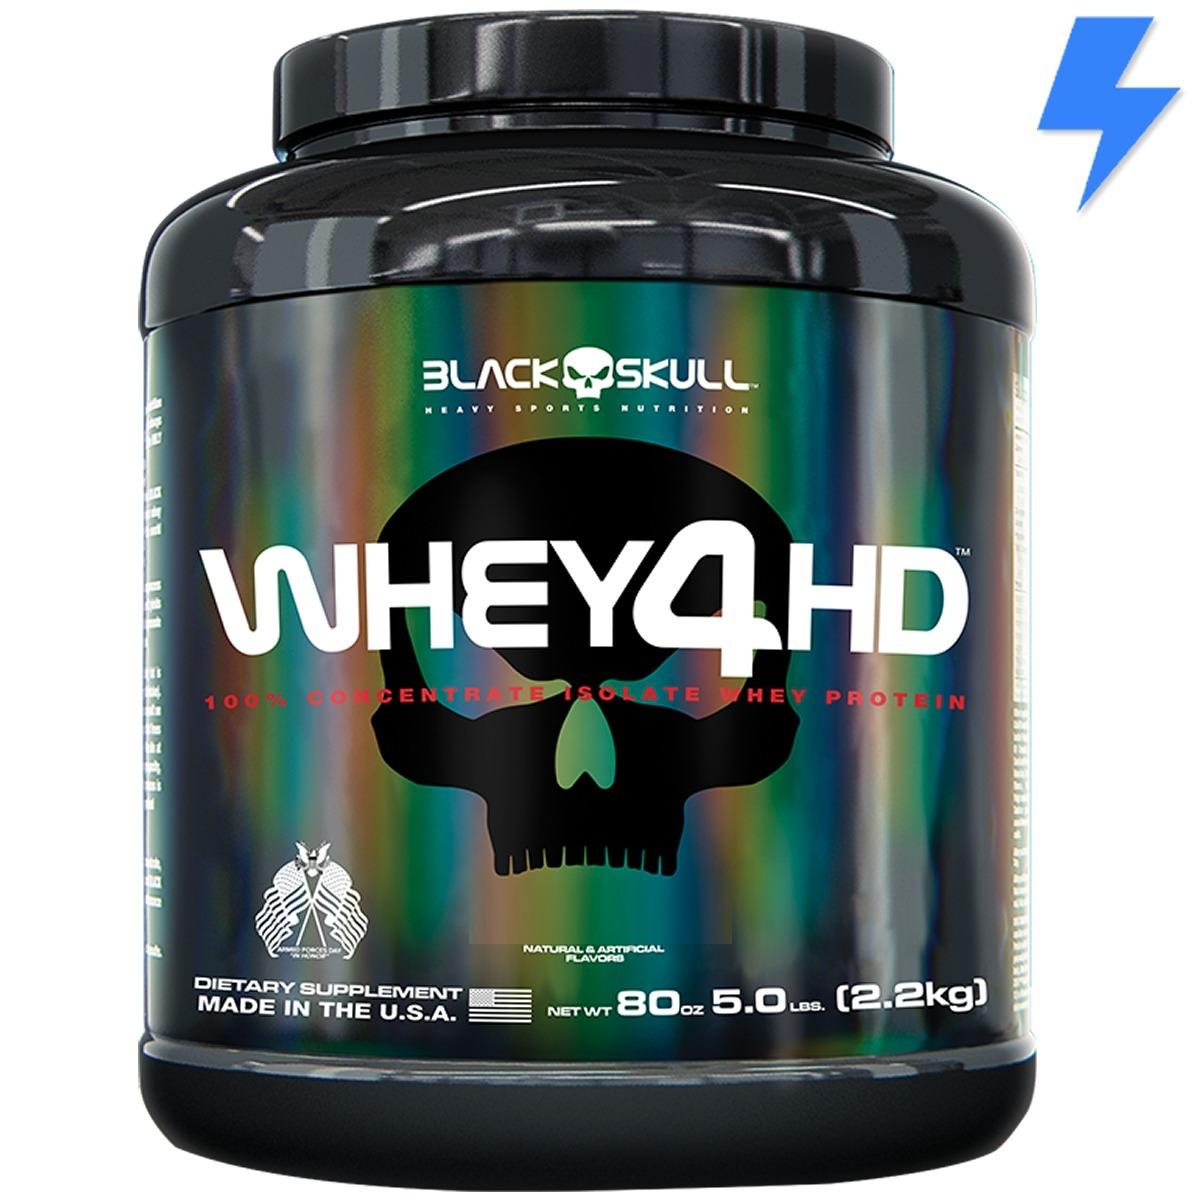 e8abb76ad Whey 4hd 2.2kg - Black Skull (isolado + Concentrado) - R  289